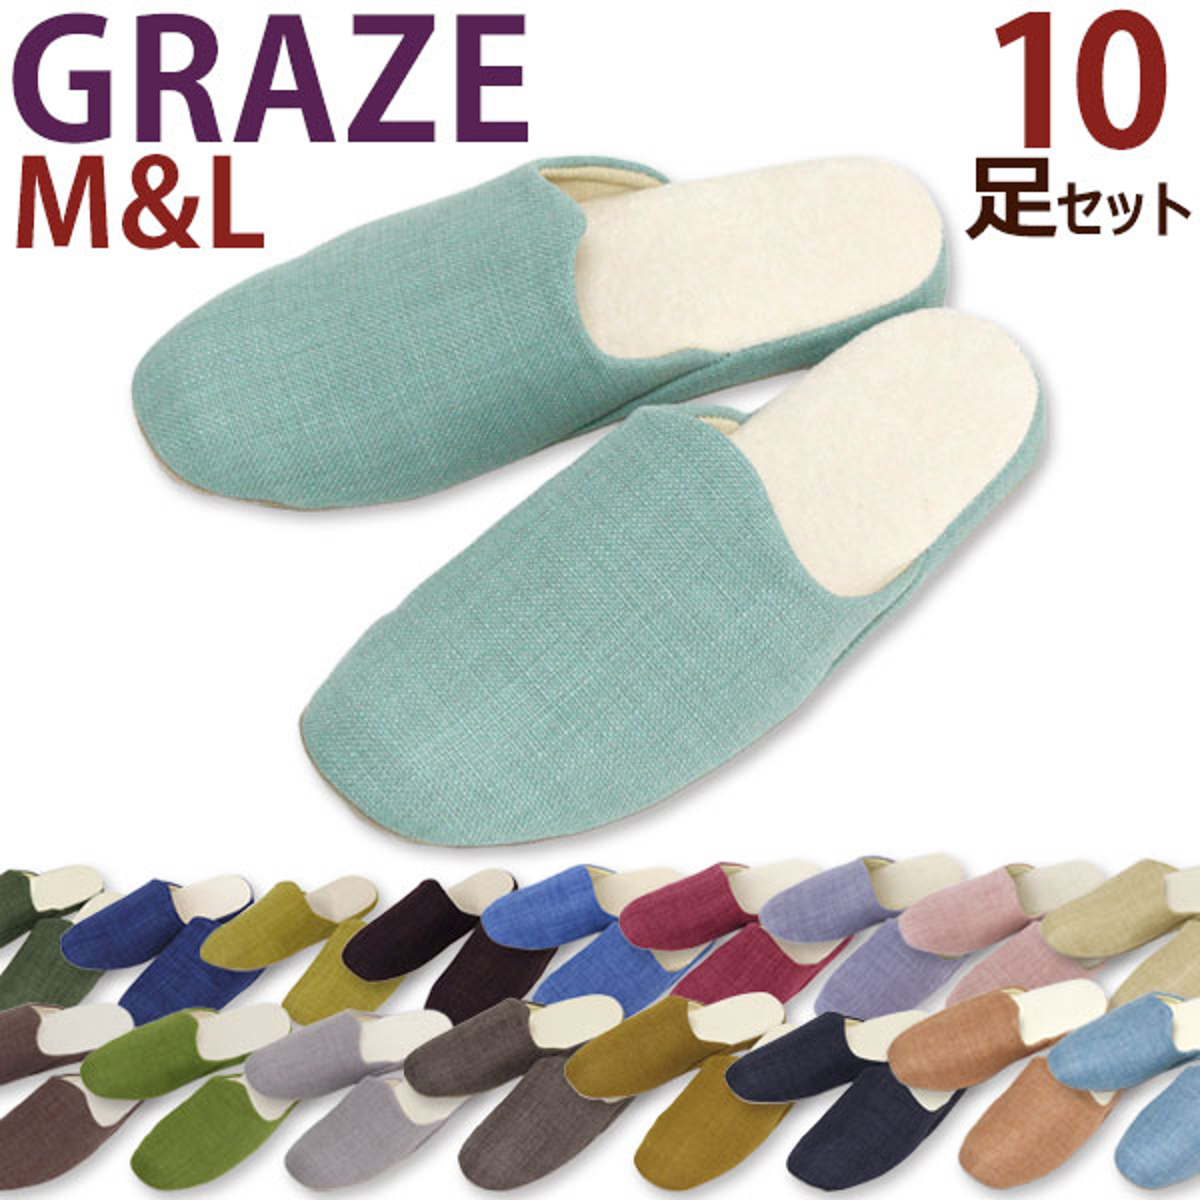 スリッパ 10足セット グレイズ M Lサイズ スリッパセット ソフトタイプ かわいい おしゃれ 洗える 来客用 送料無料